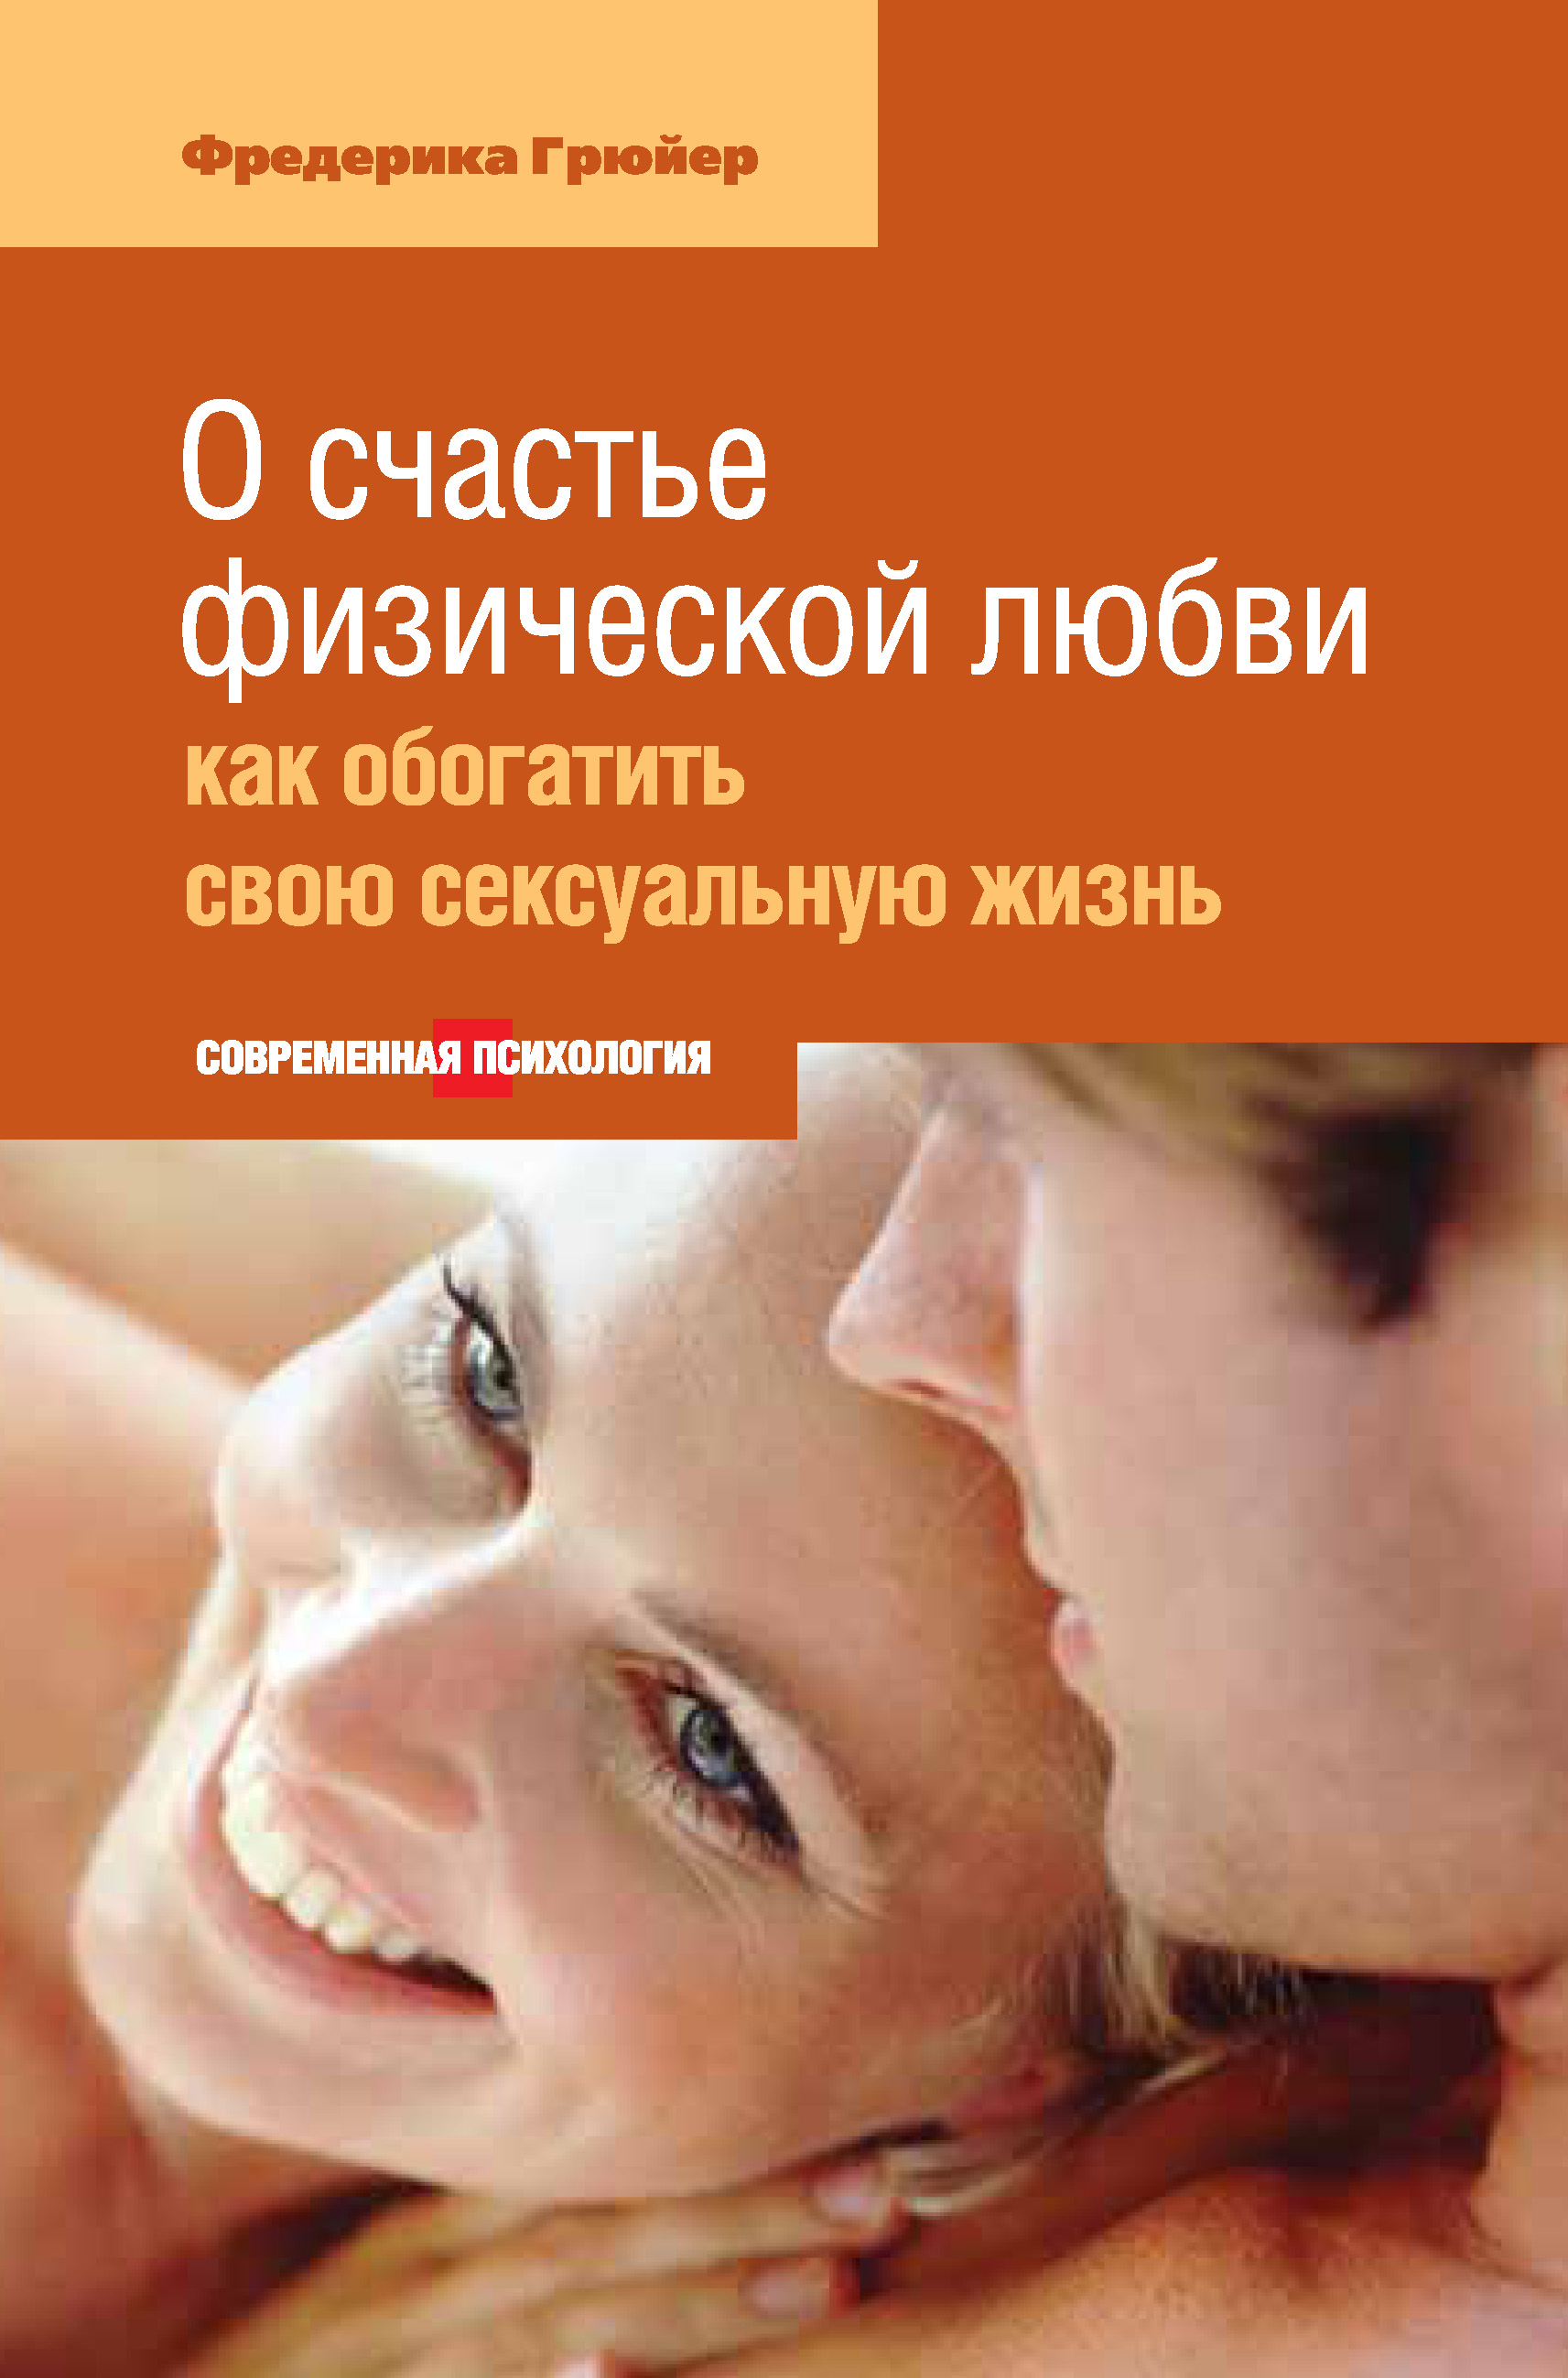 Фредерика Грюйер О счастье физической любви: как обогатить свою сексуальную жизнь